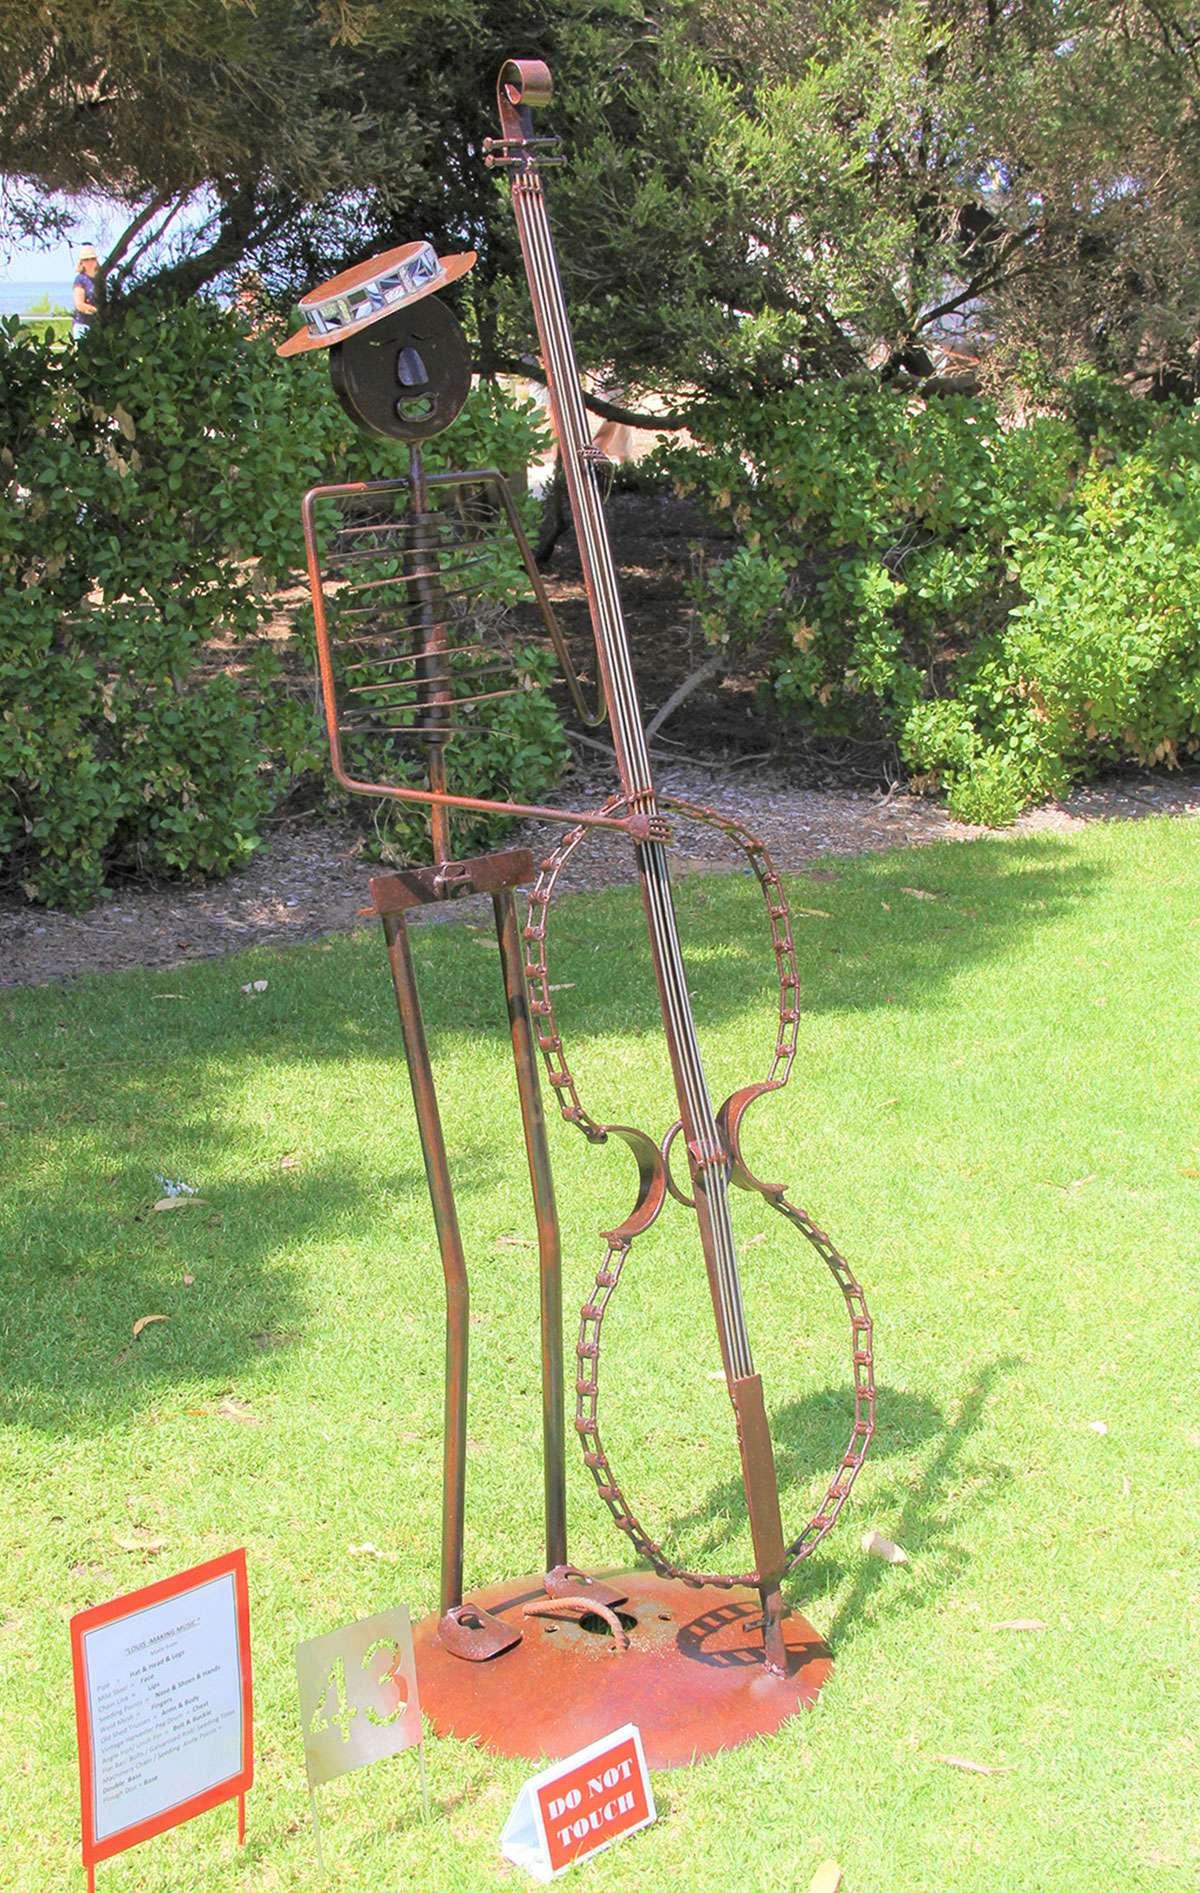 Sculpture by the Bay Gallery. #sculptures #sculpturebythebay #artwork